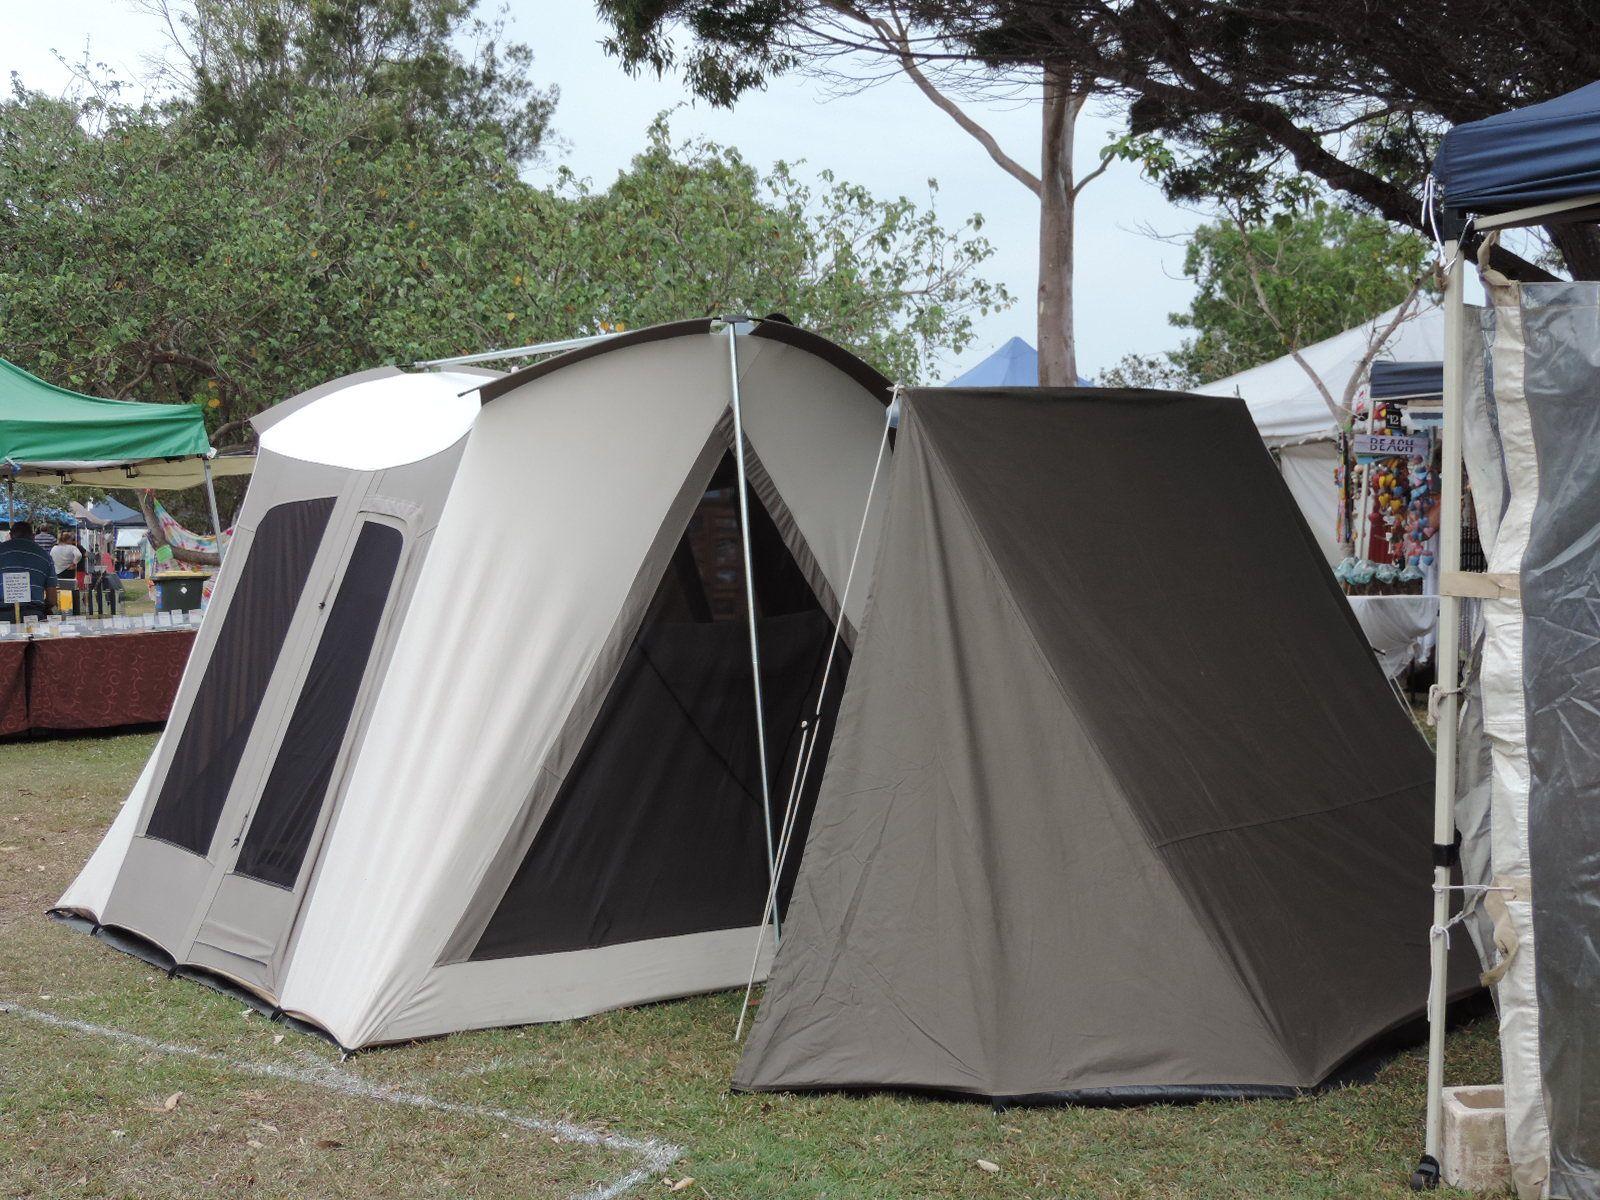 wholesale dealer 6f3c3 e3643 Related image | tent | Kodiak canvas, Tent, Canvas tent